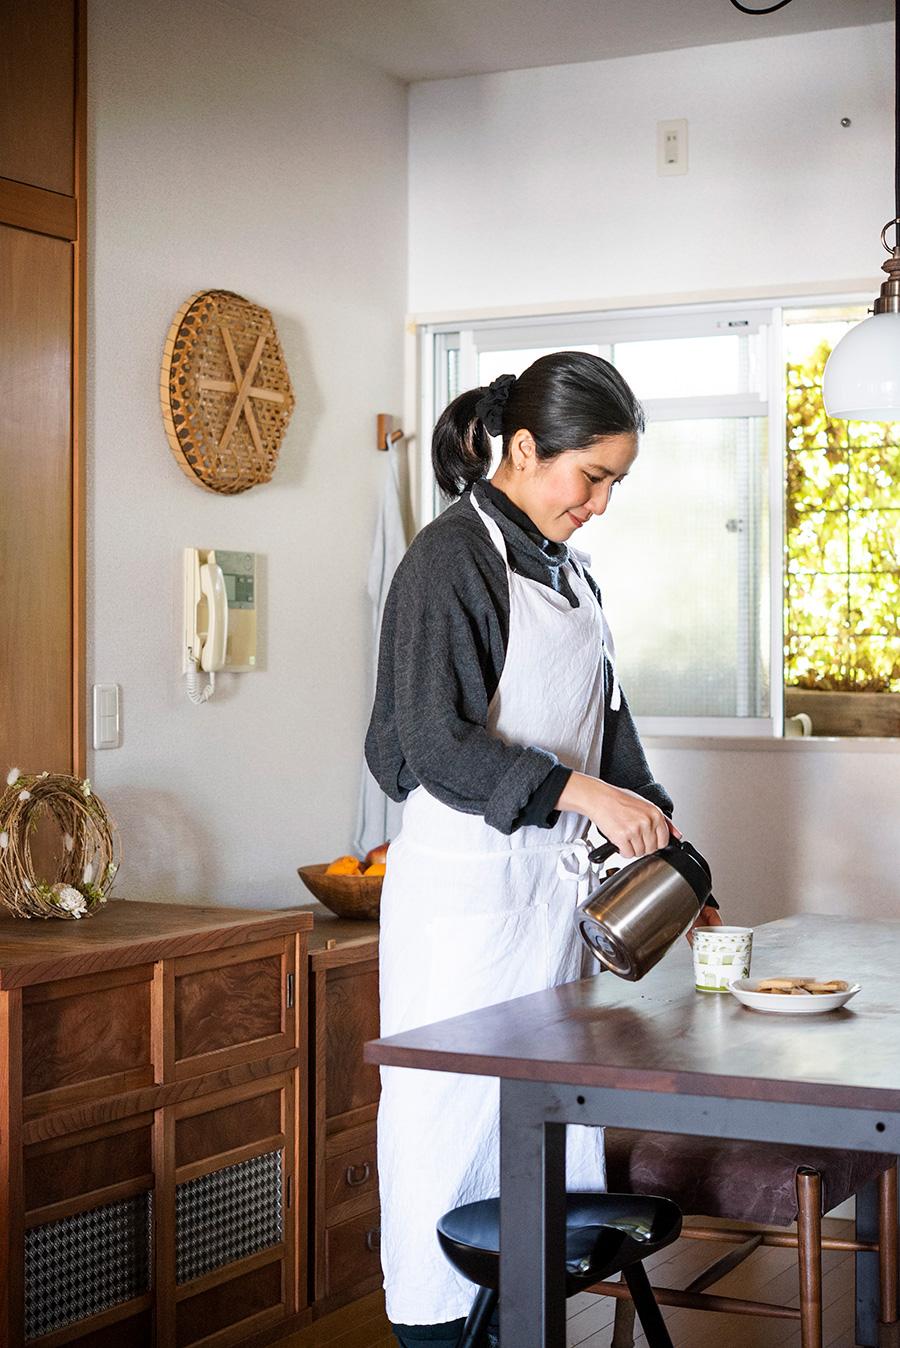 手作りのお味噌やぬか漬け、おやつなど、食事には手間暇をかけて暮らすあいこさん。窓越しのアイビーの緑がきれいなキッチンで。